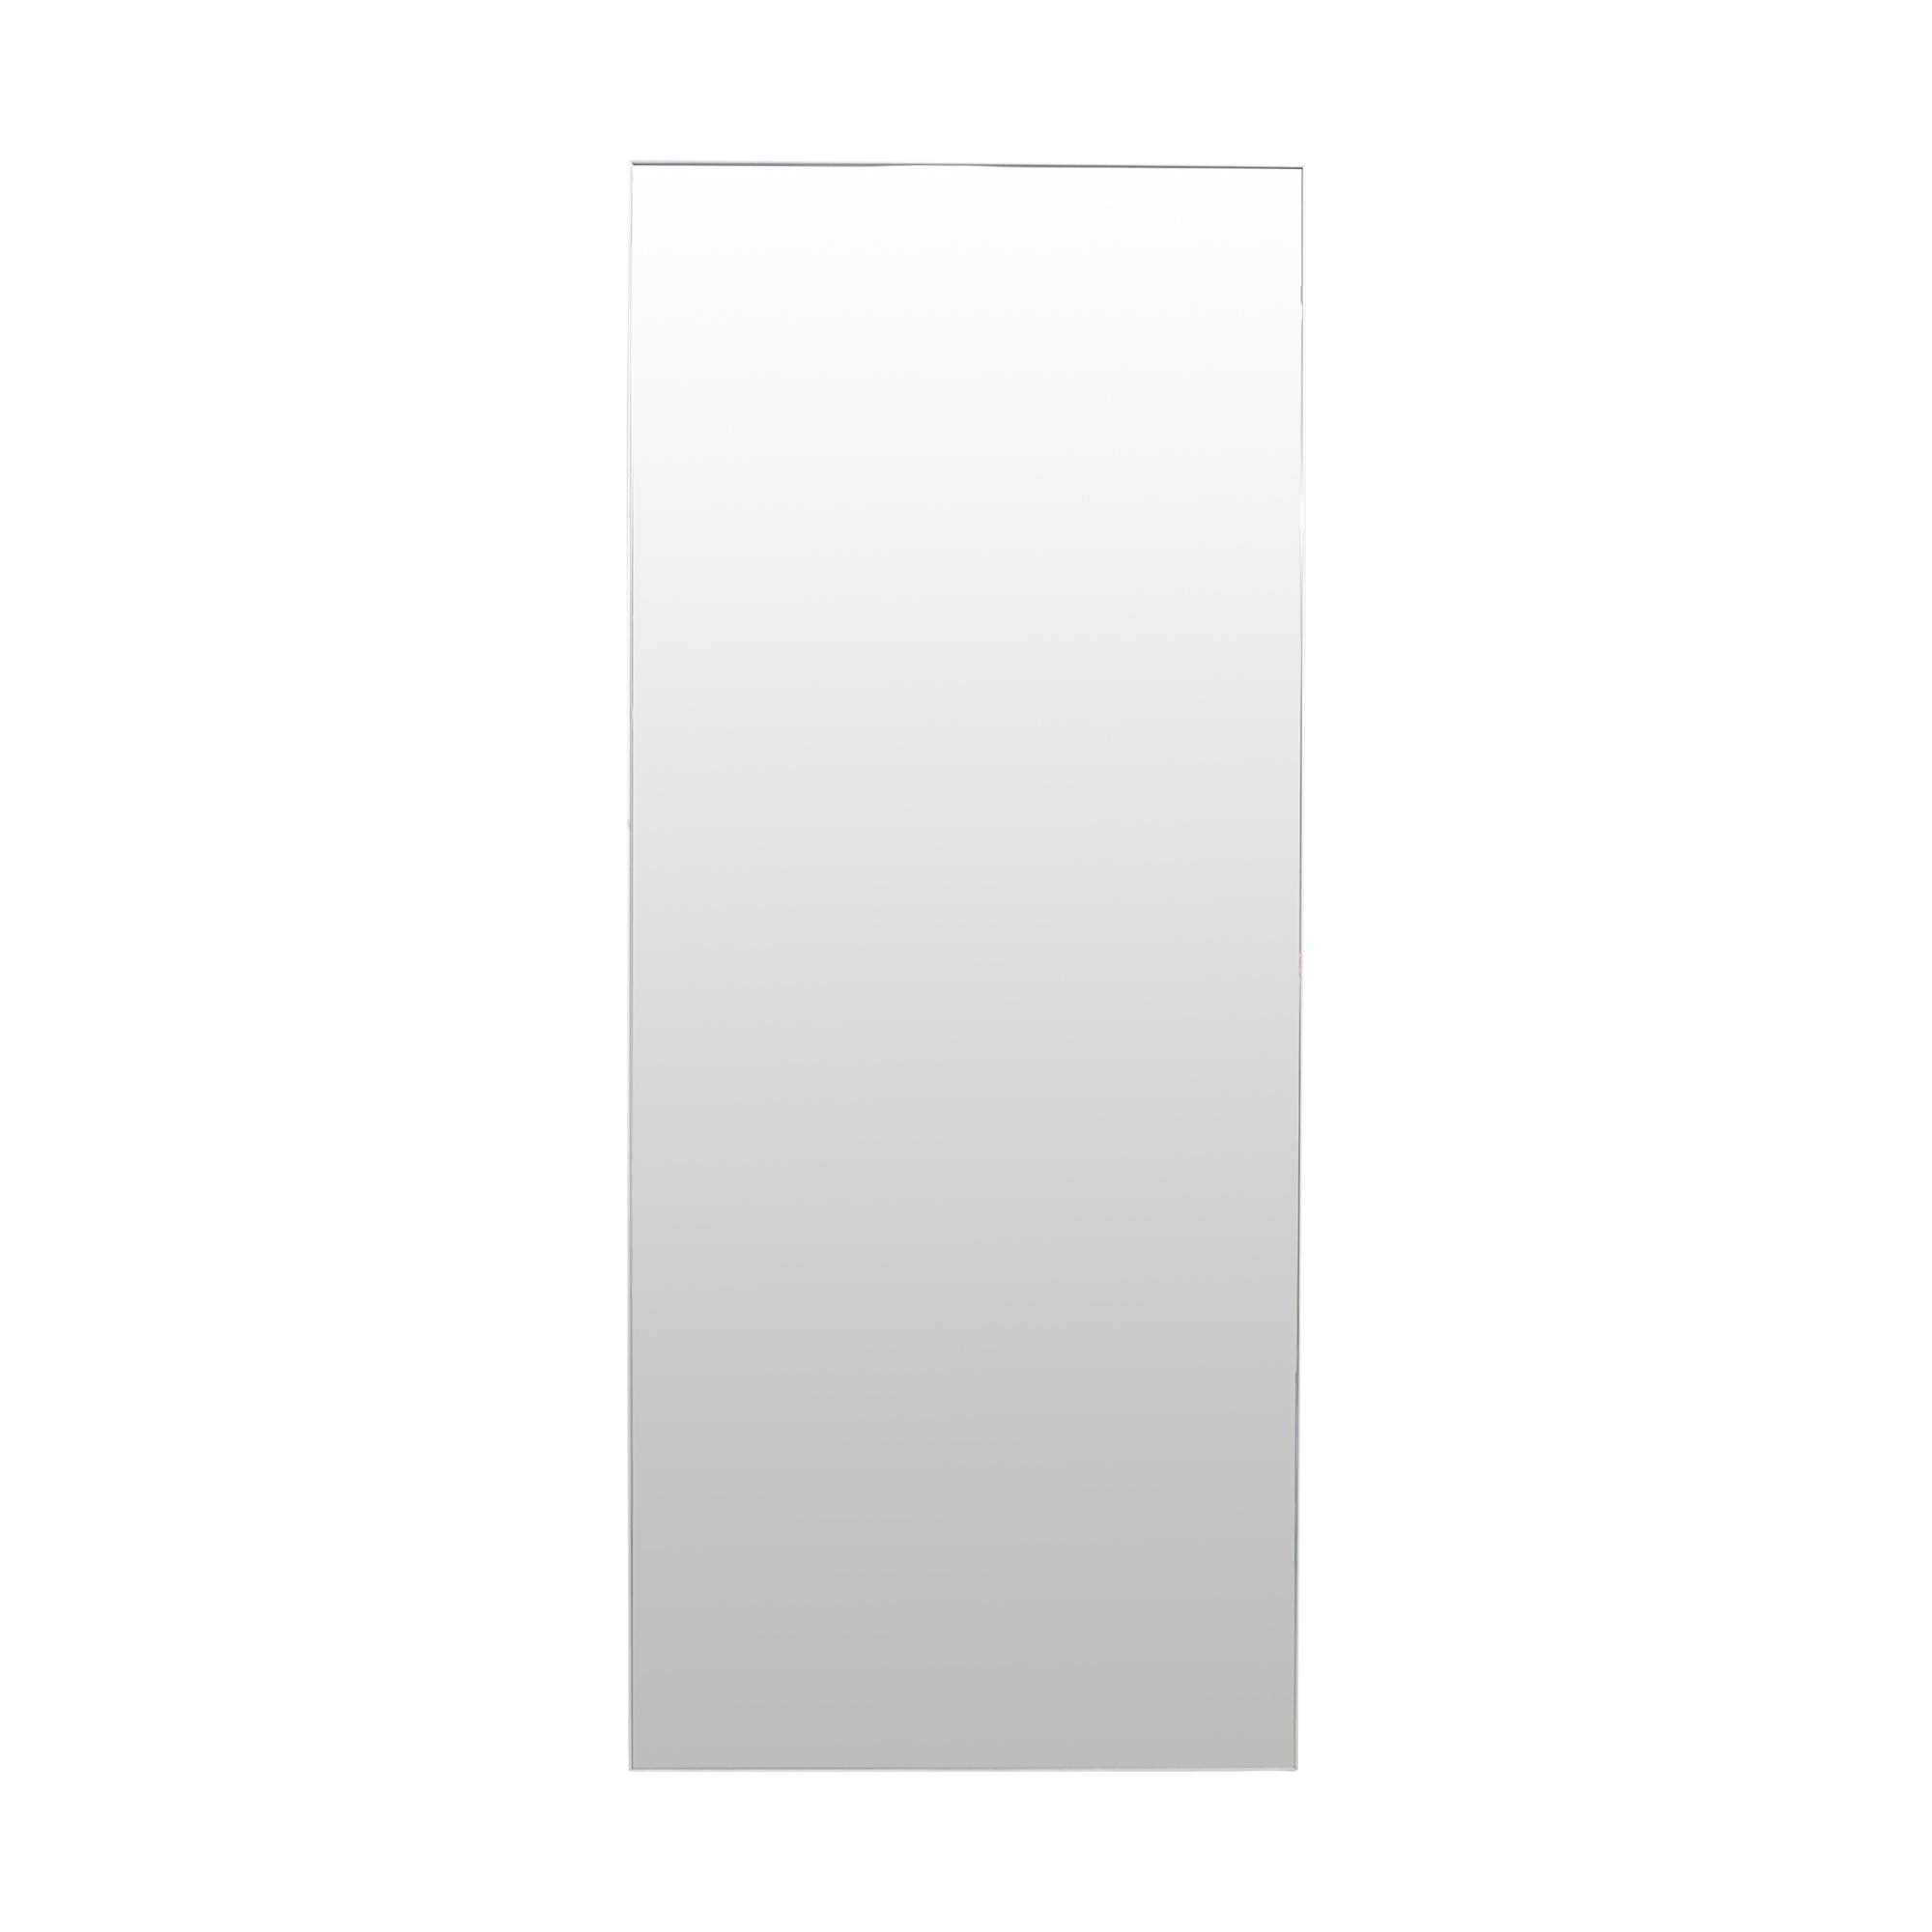 CB2 CB2 Metal Framed Floor Mirror second hand